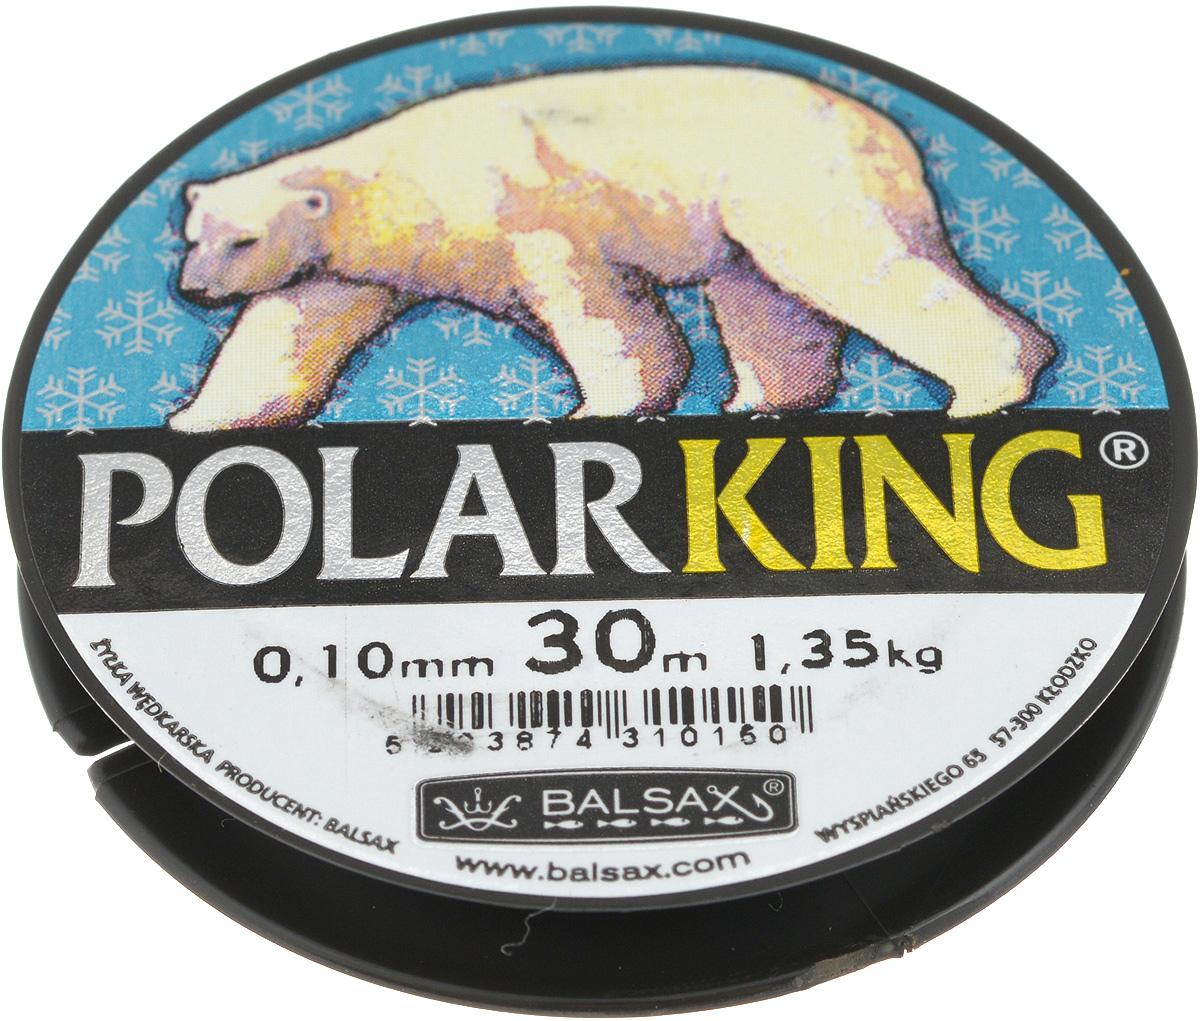 Леска зимняя Balsax Polar King, 30 м, 0,10 мм, 1,35 кг310-13010Леска Balsax Polar King изготовлена из 100% нейлона и очень хорошо выдерживает низкие температуры. Даже в самом холодном климате, при температуре вплоть до -40°C, она сохраняет свои свойства практически без изменений, в то время как традиционные лески становятся менее эластичными и теряют прочность. Поверхность лески обработана таким образом, что она не обмерзает и отлично подходит для подледного лова. Прочна в местах вязки узлов даже при минимальном диаметре.